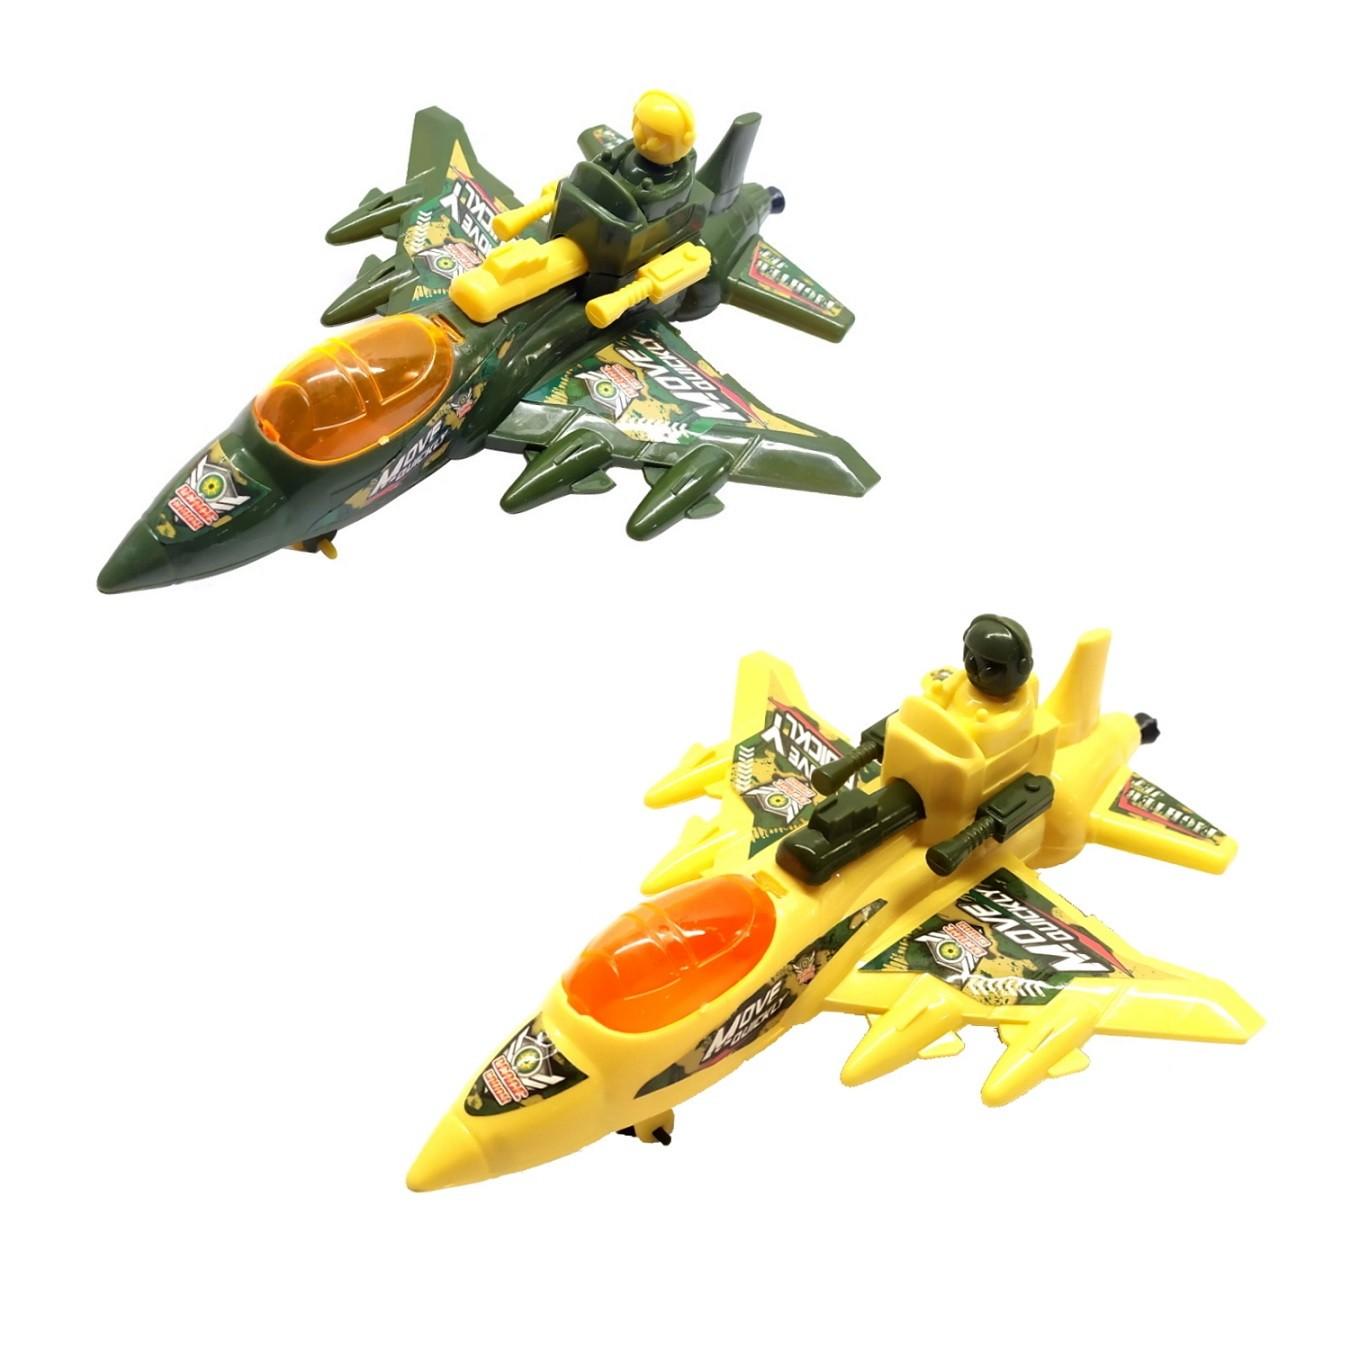 Kit com 2 Avião Militar Caça do Exército a Corda Brinquedo Infantil